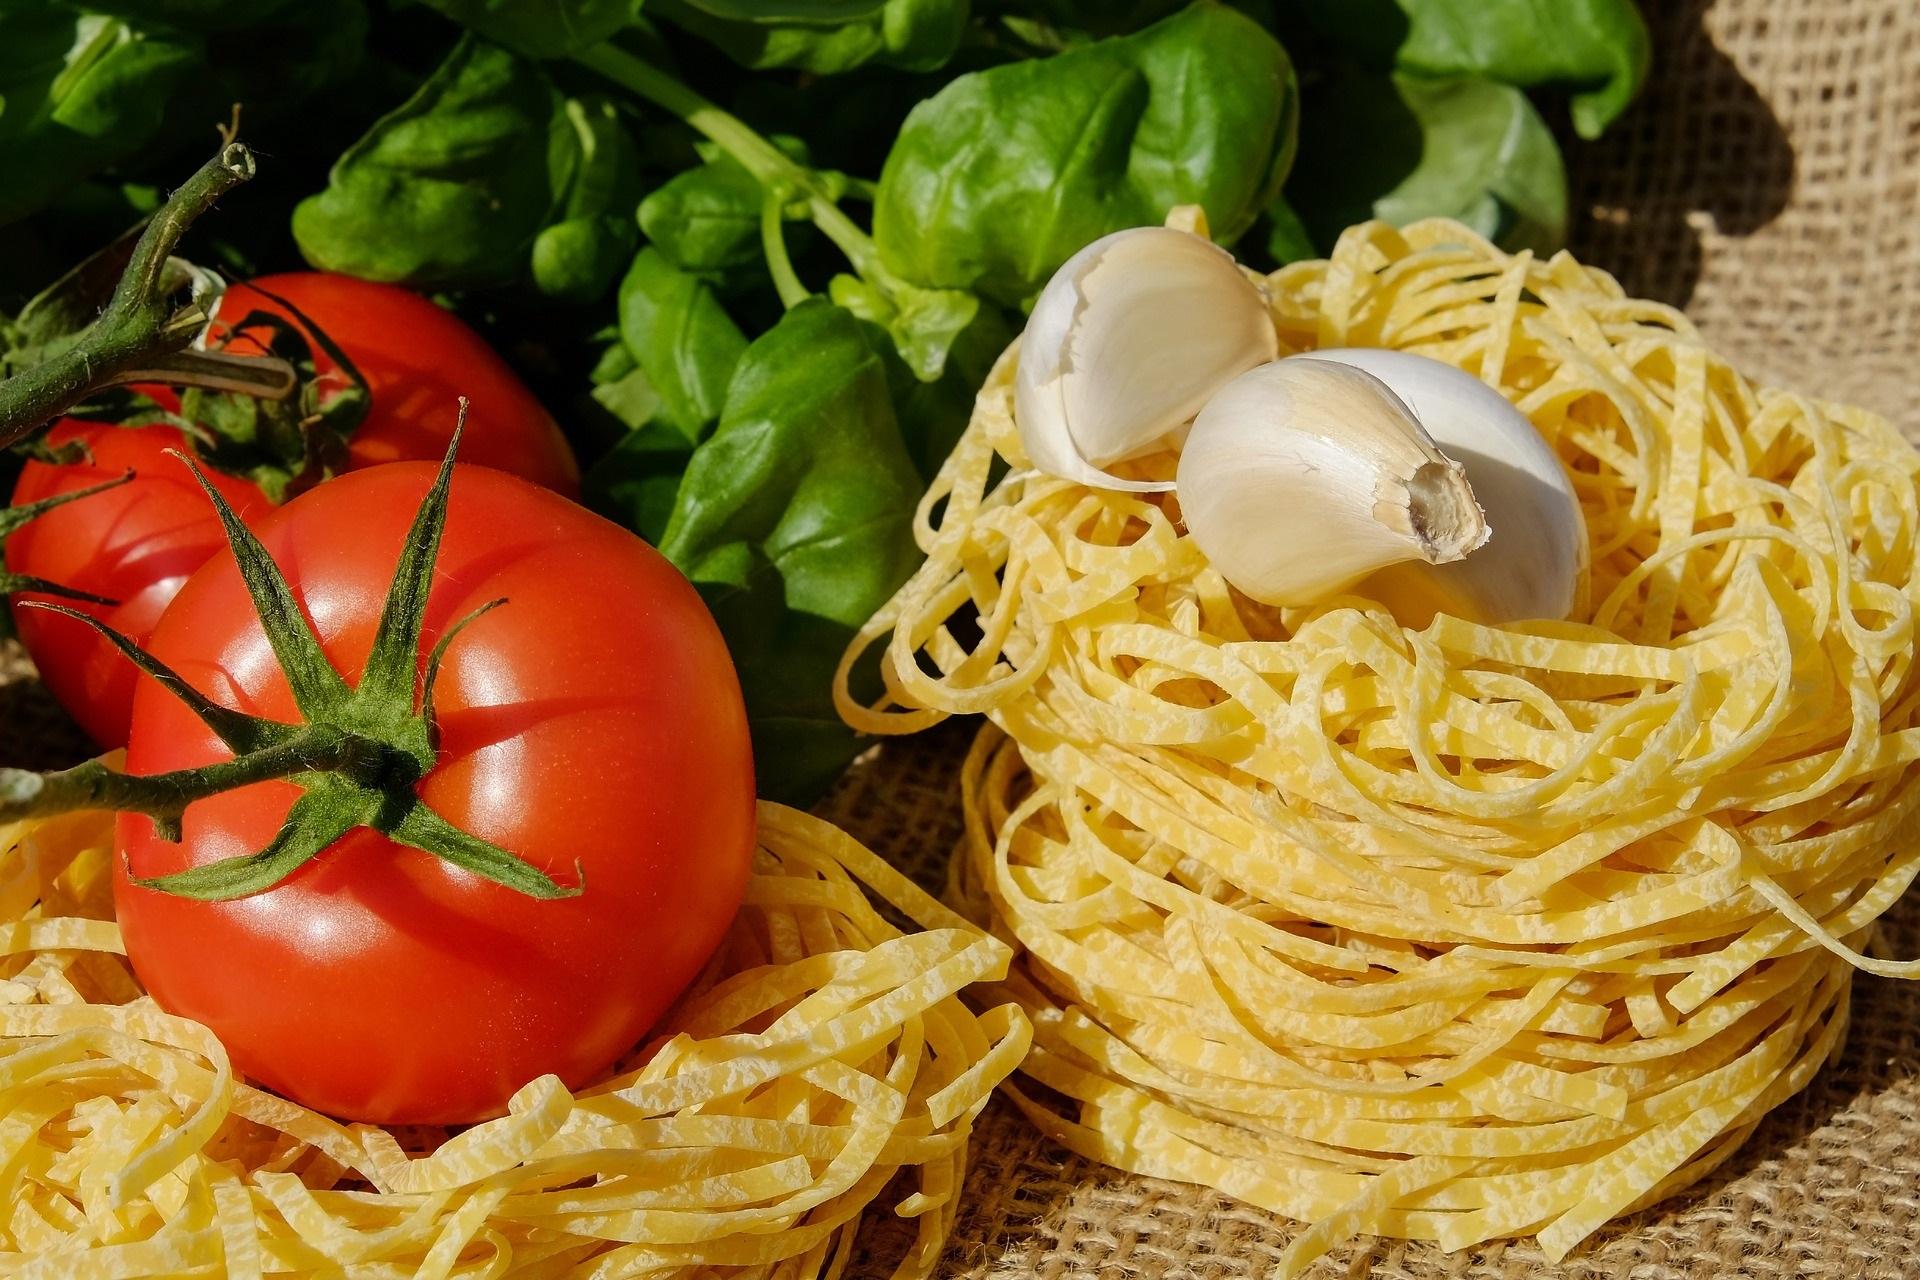 Dieta Settimanale Equilibrata Per Dimagrire : Alimentazione funzionale per dimagrire i consigli e gli esempi